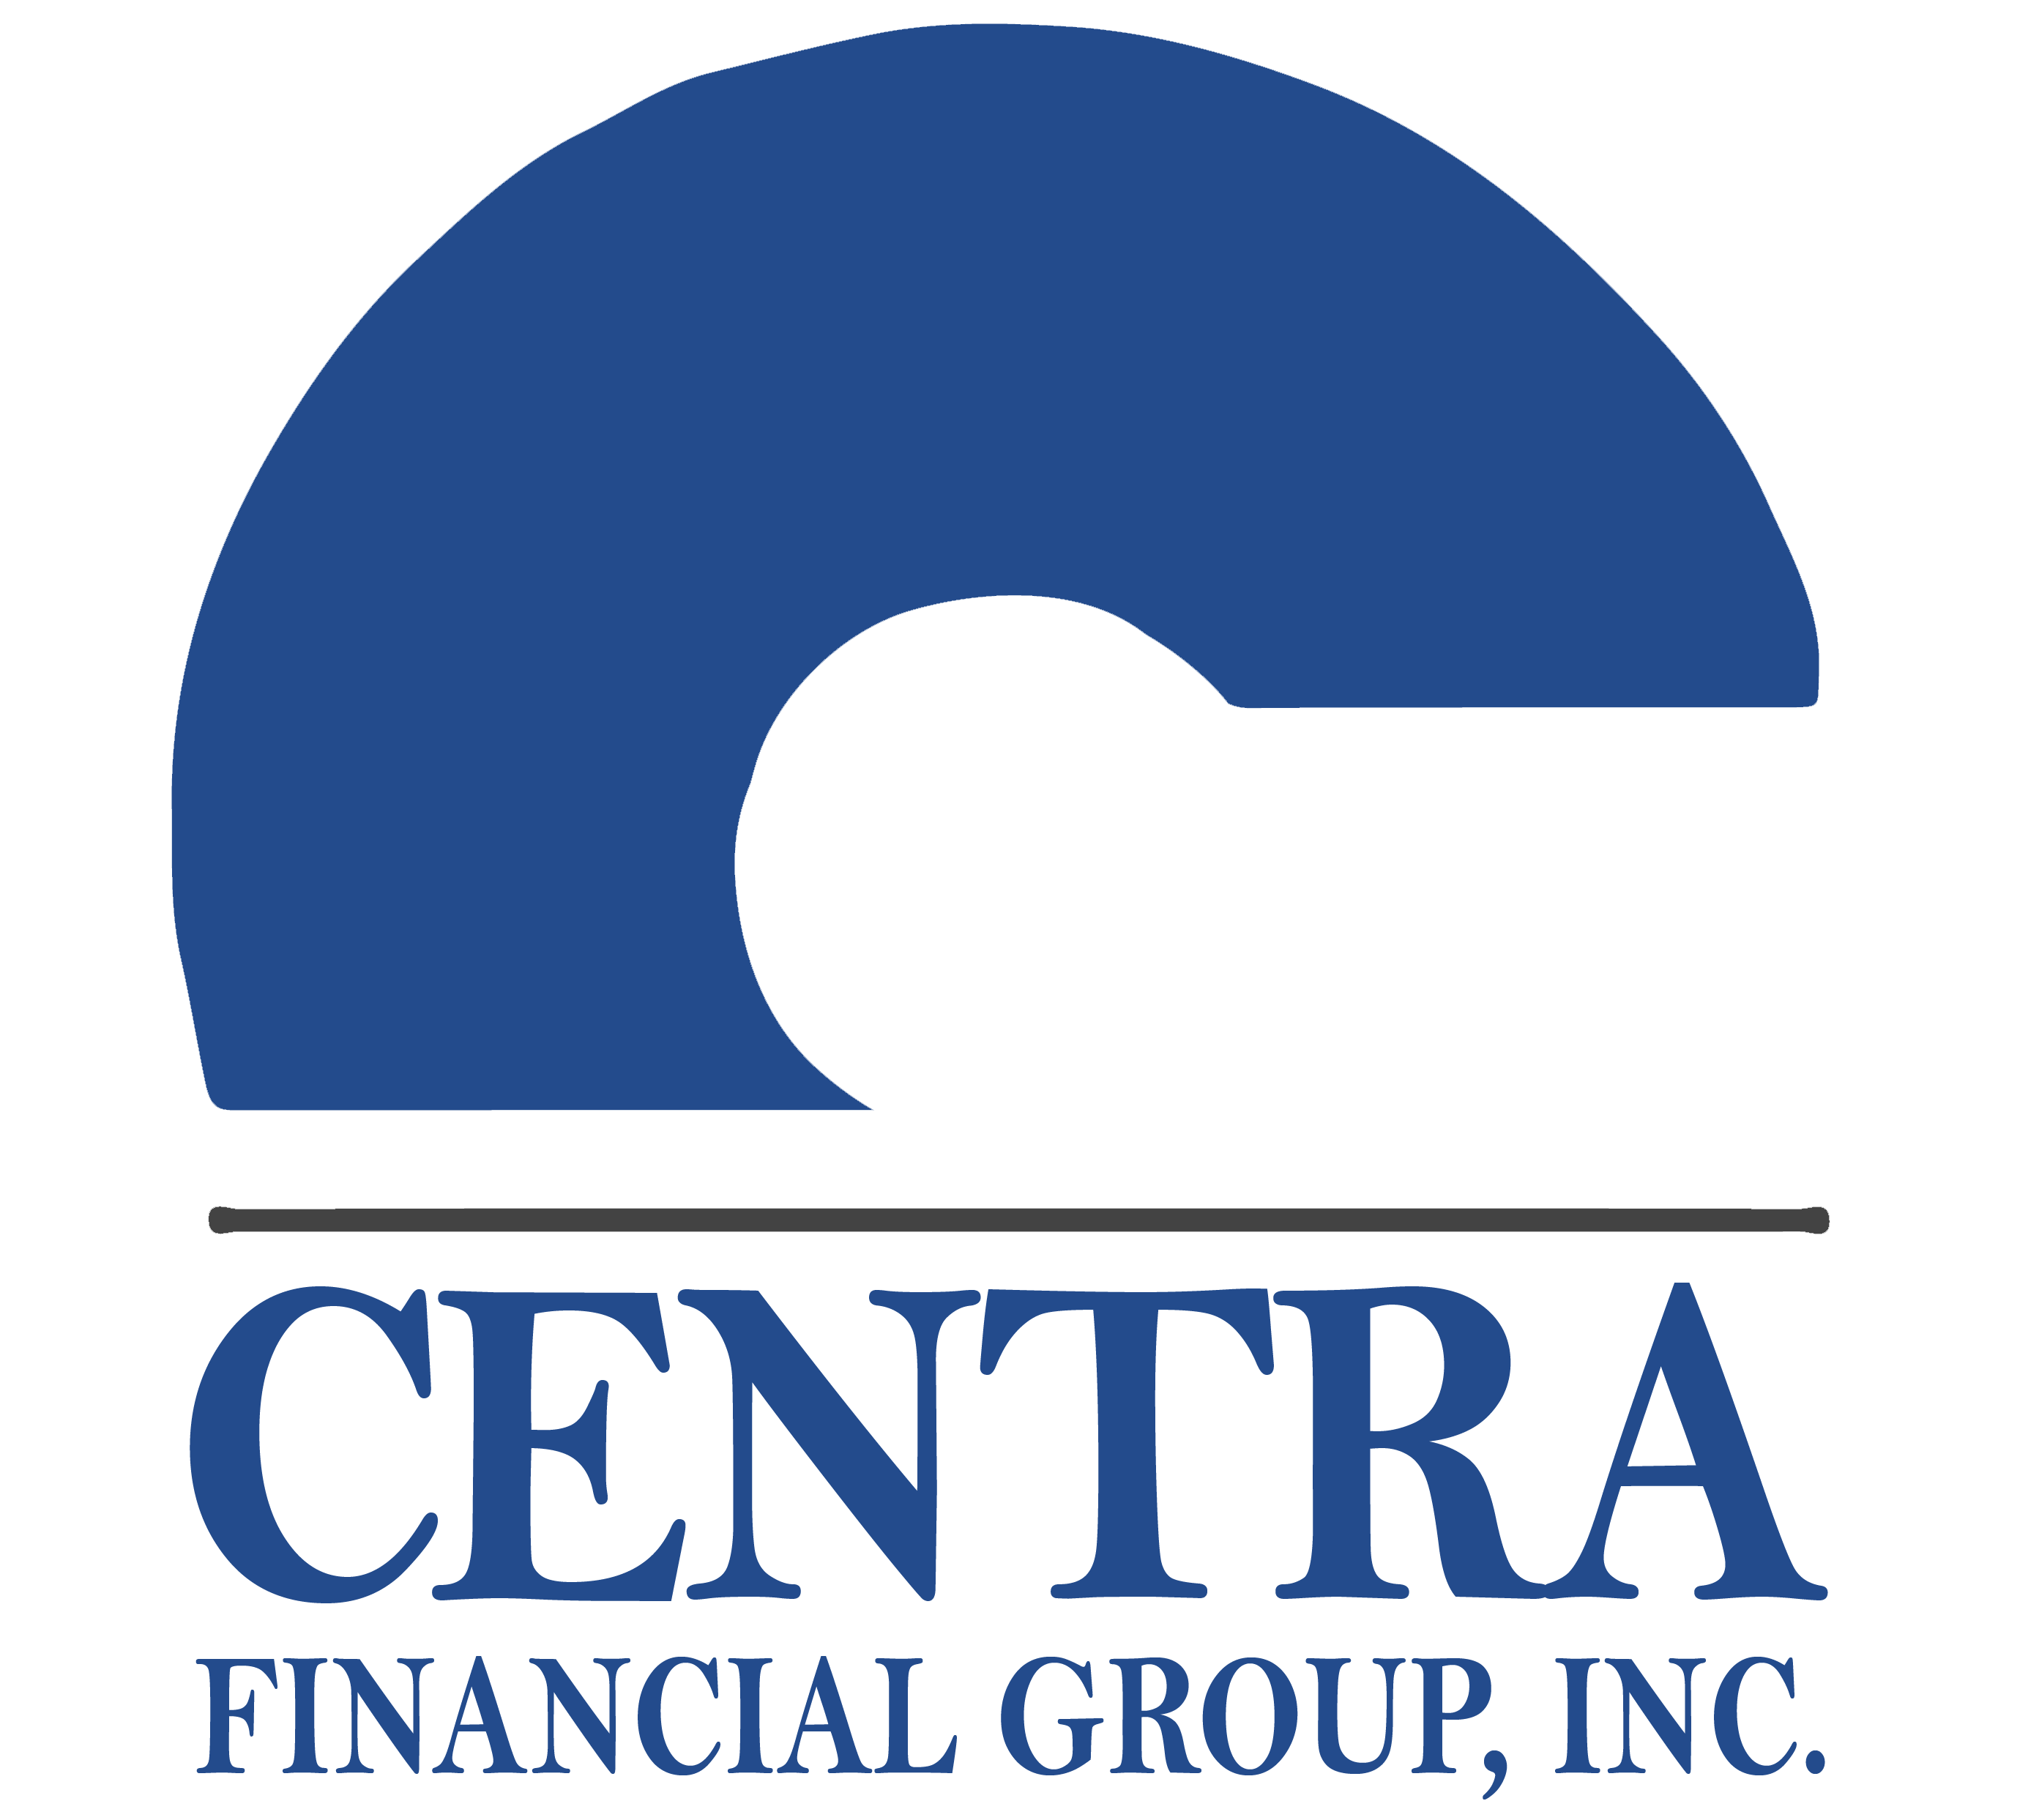 Centra Financial Group logo